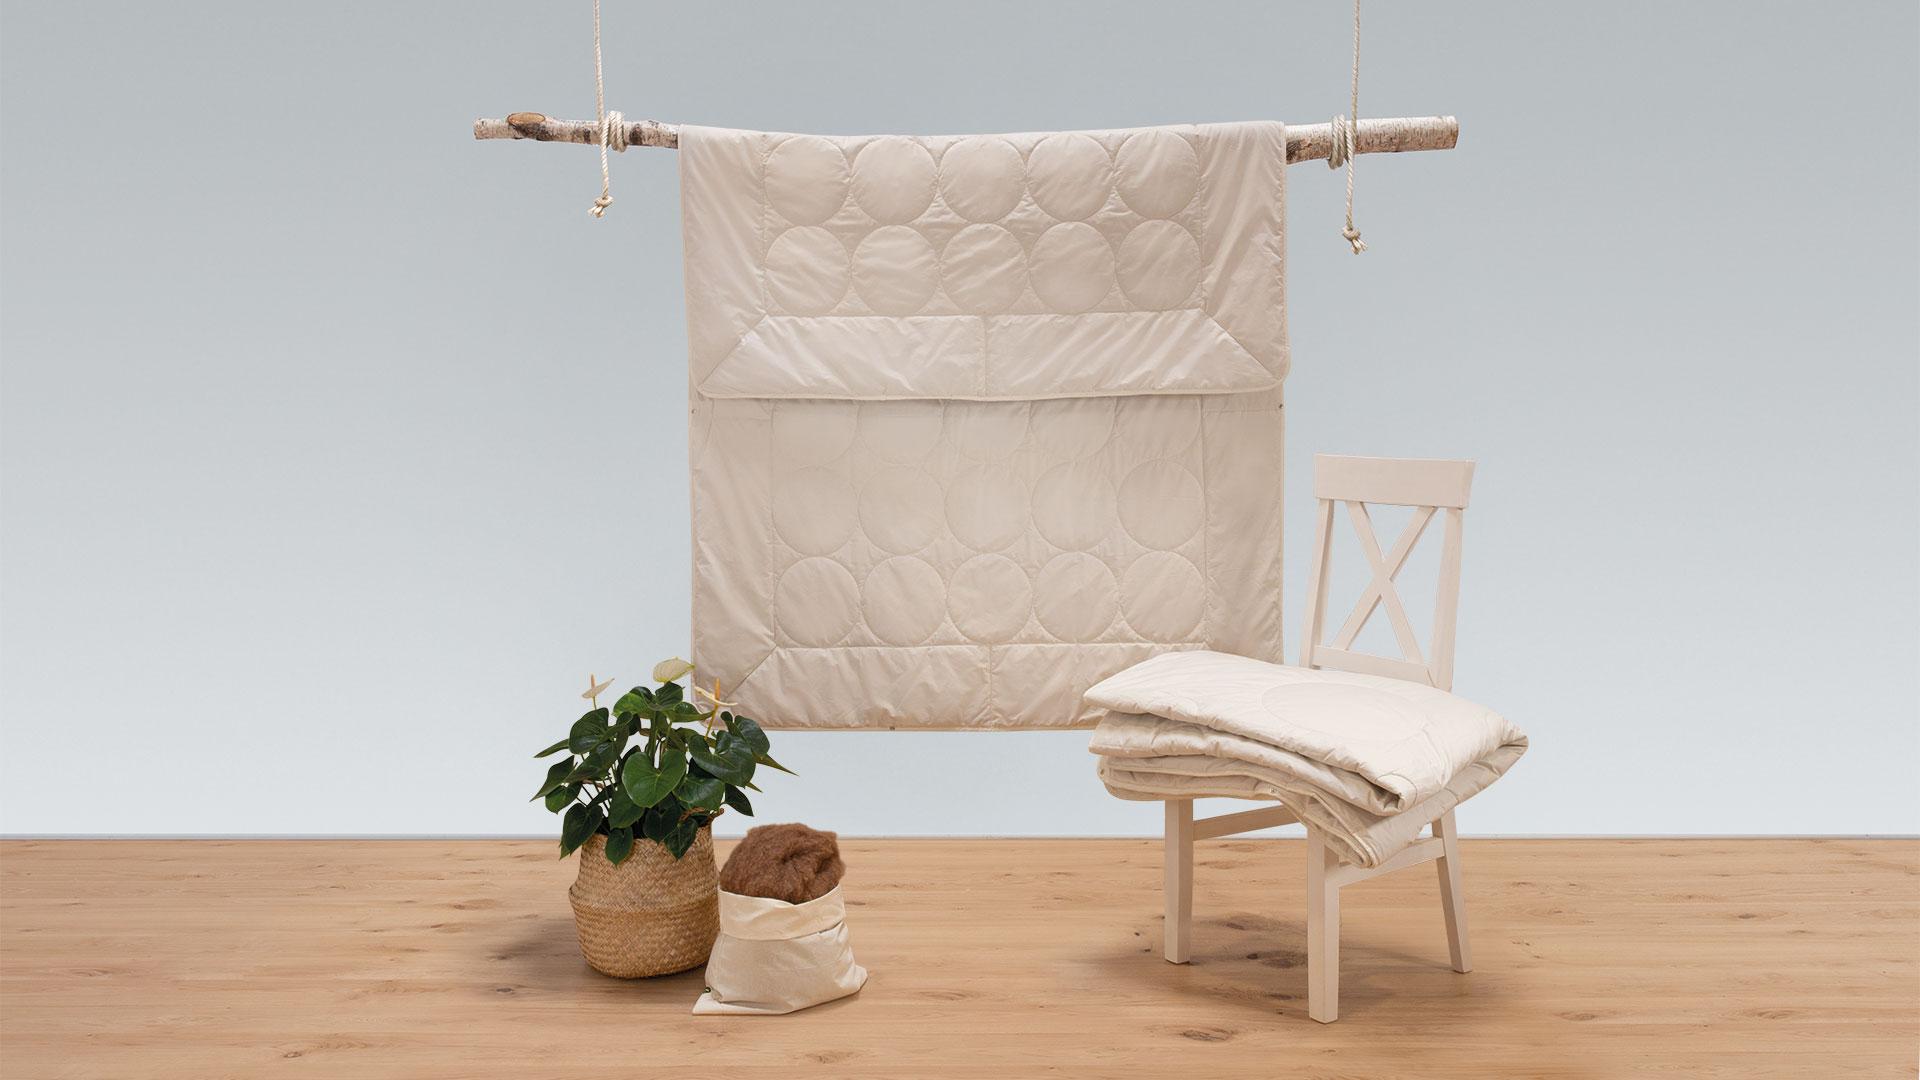 klimafaser bettdecken w schest nder bettw sche hochwertige marken gypten 4 teilig baumwolle. Black Bedroom Furniture Sets. Home Design Ideas